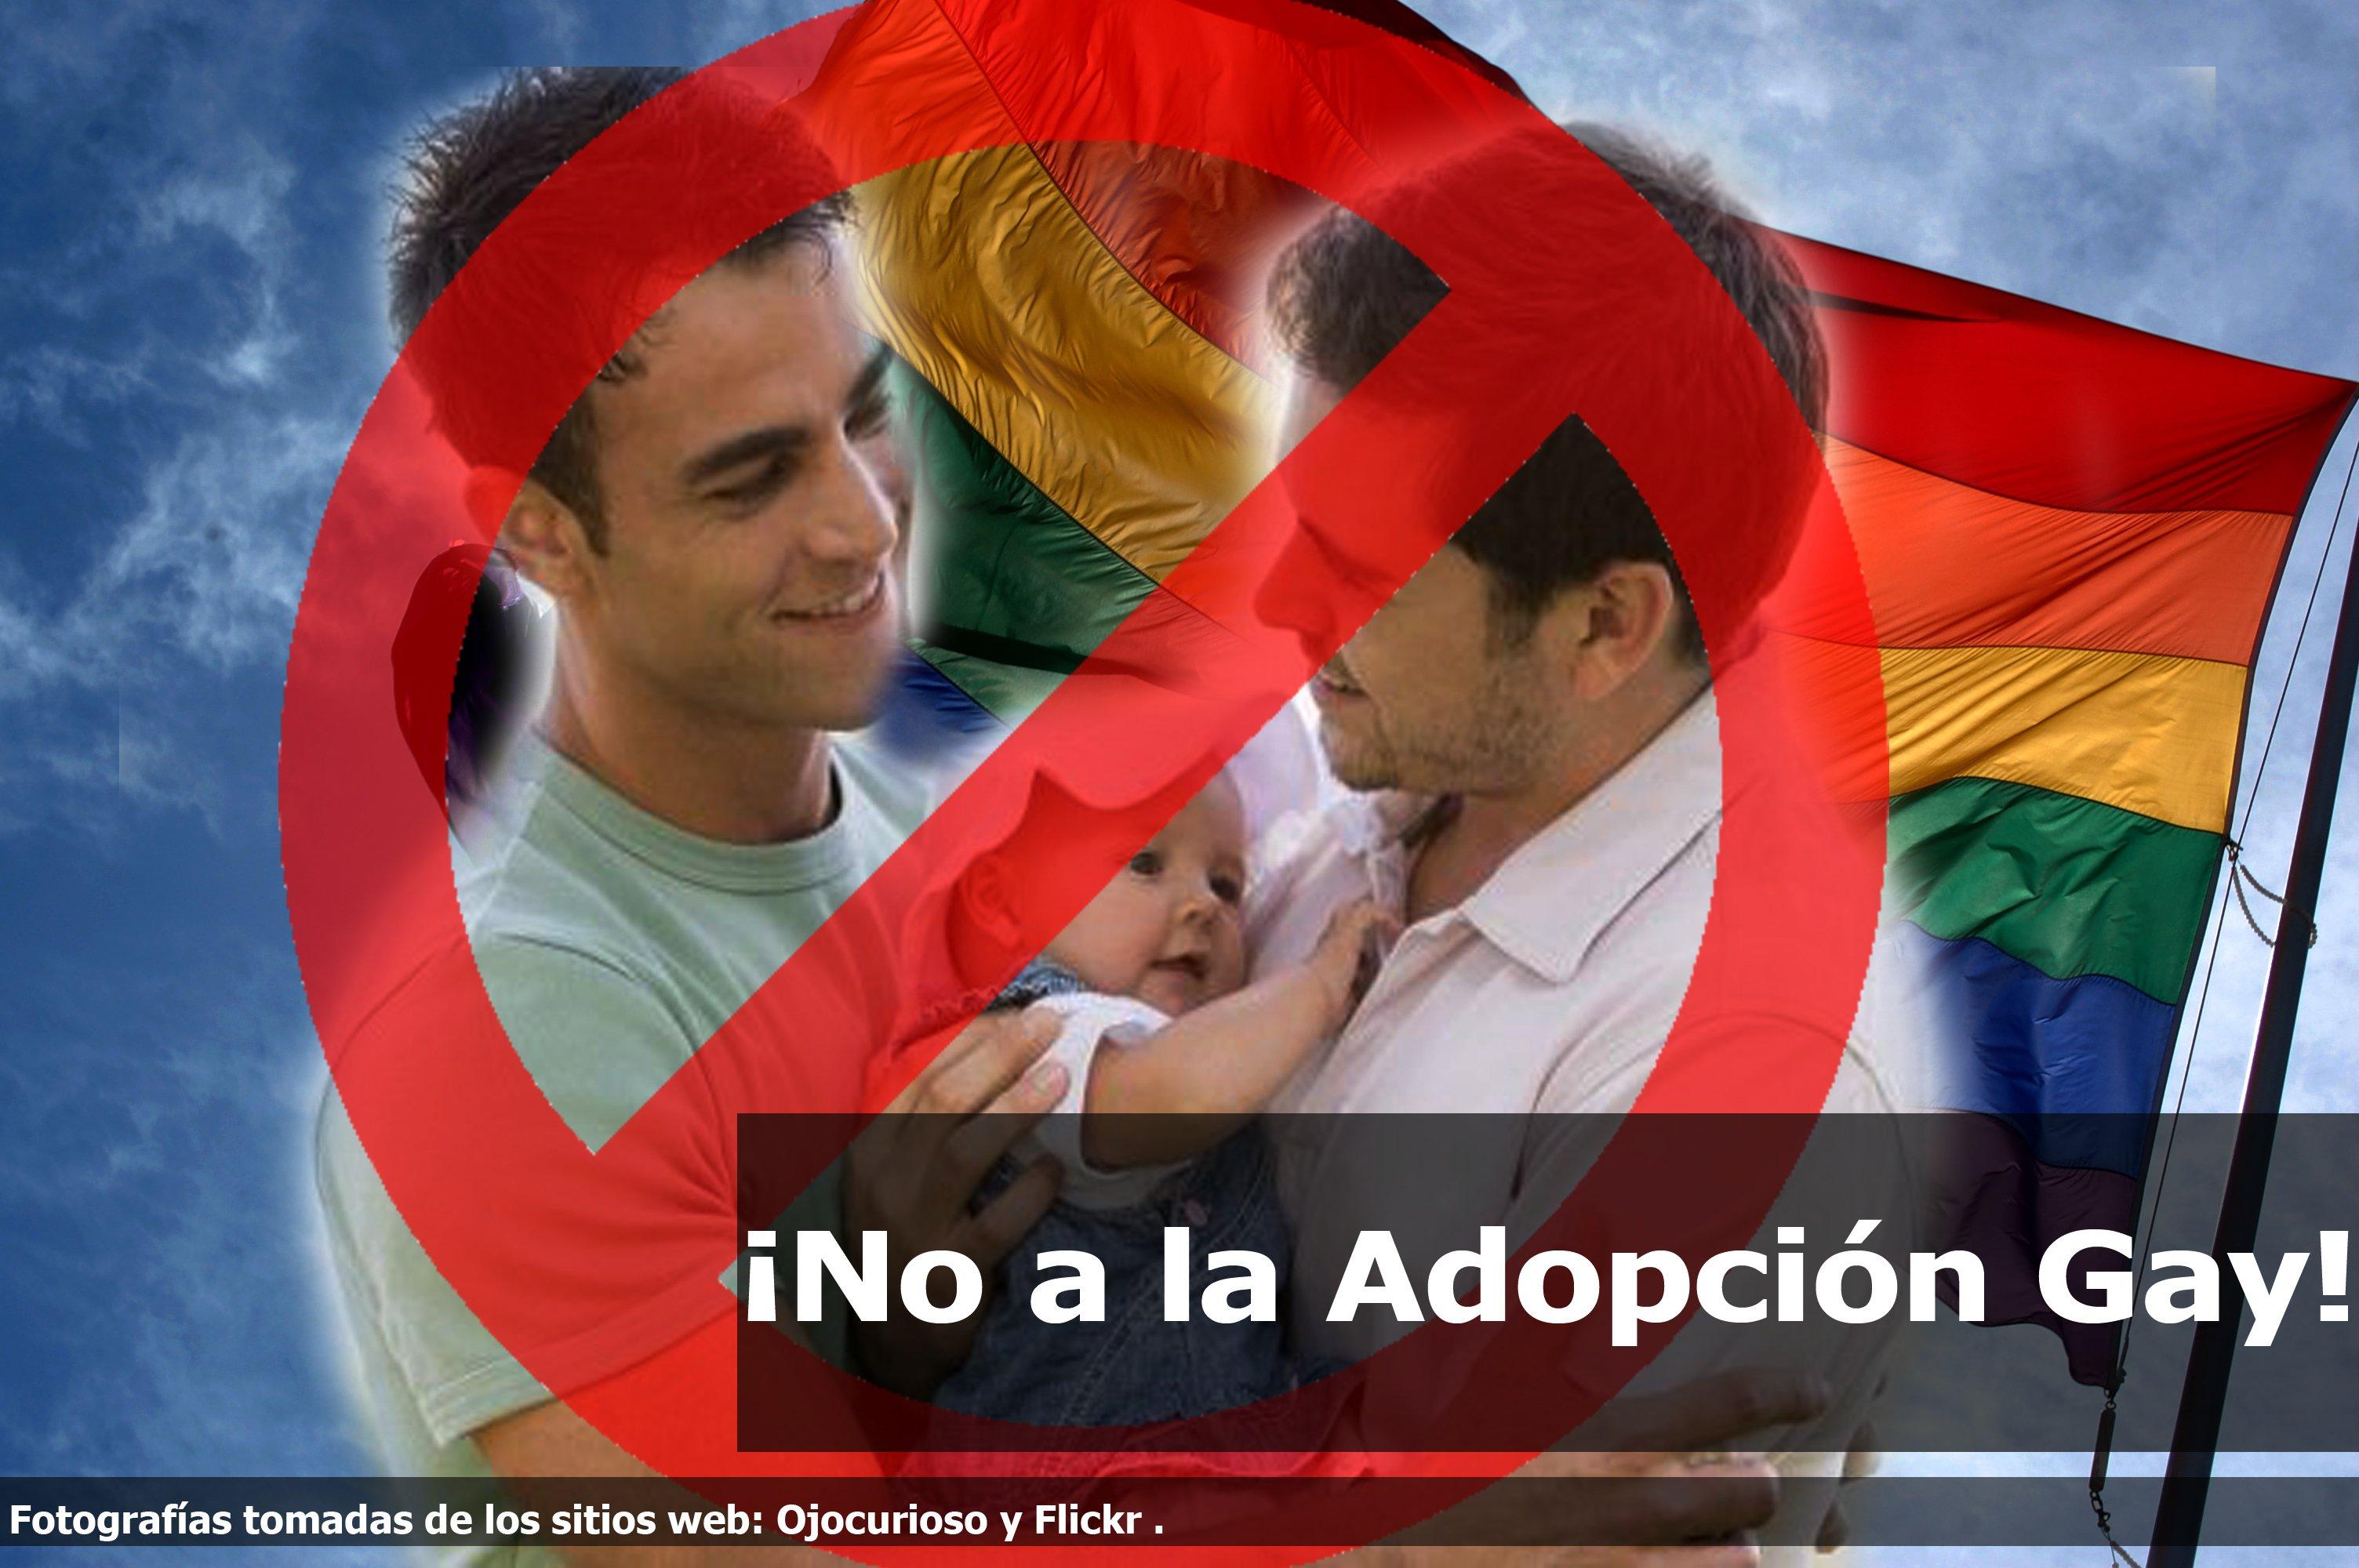 Problemas que tienen los padres del mismo sexo con las adopciones